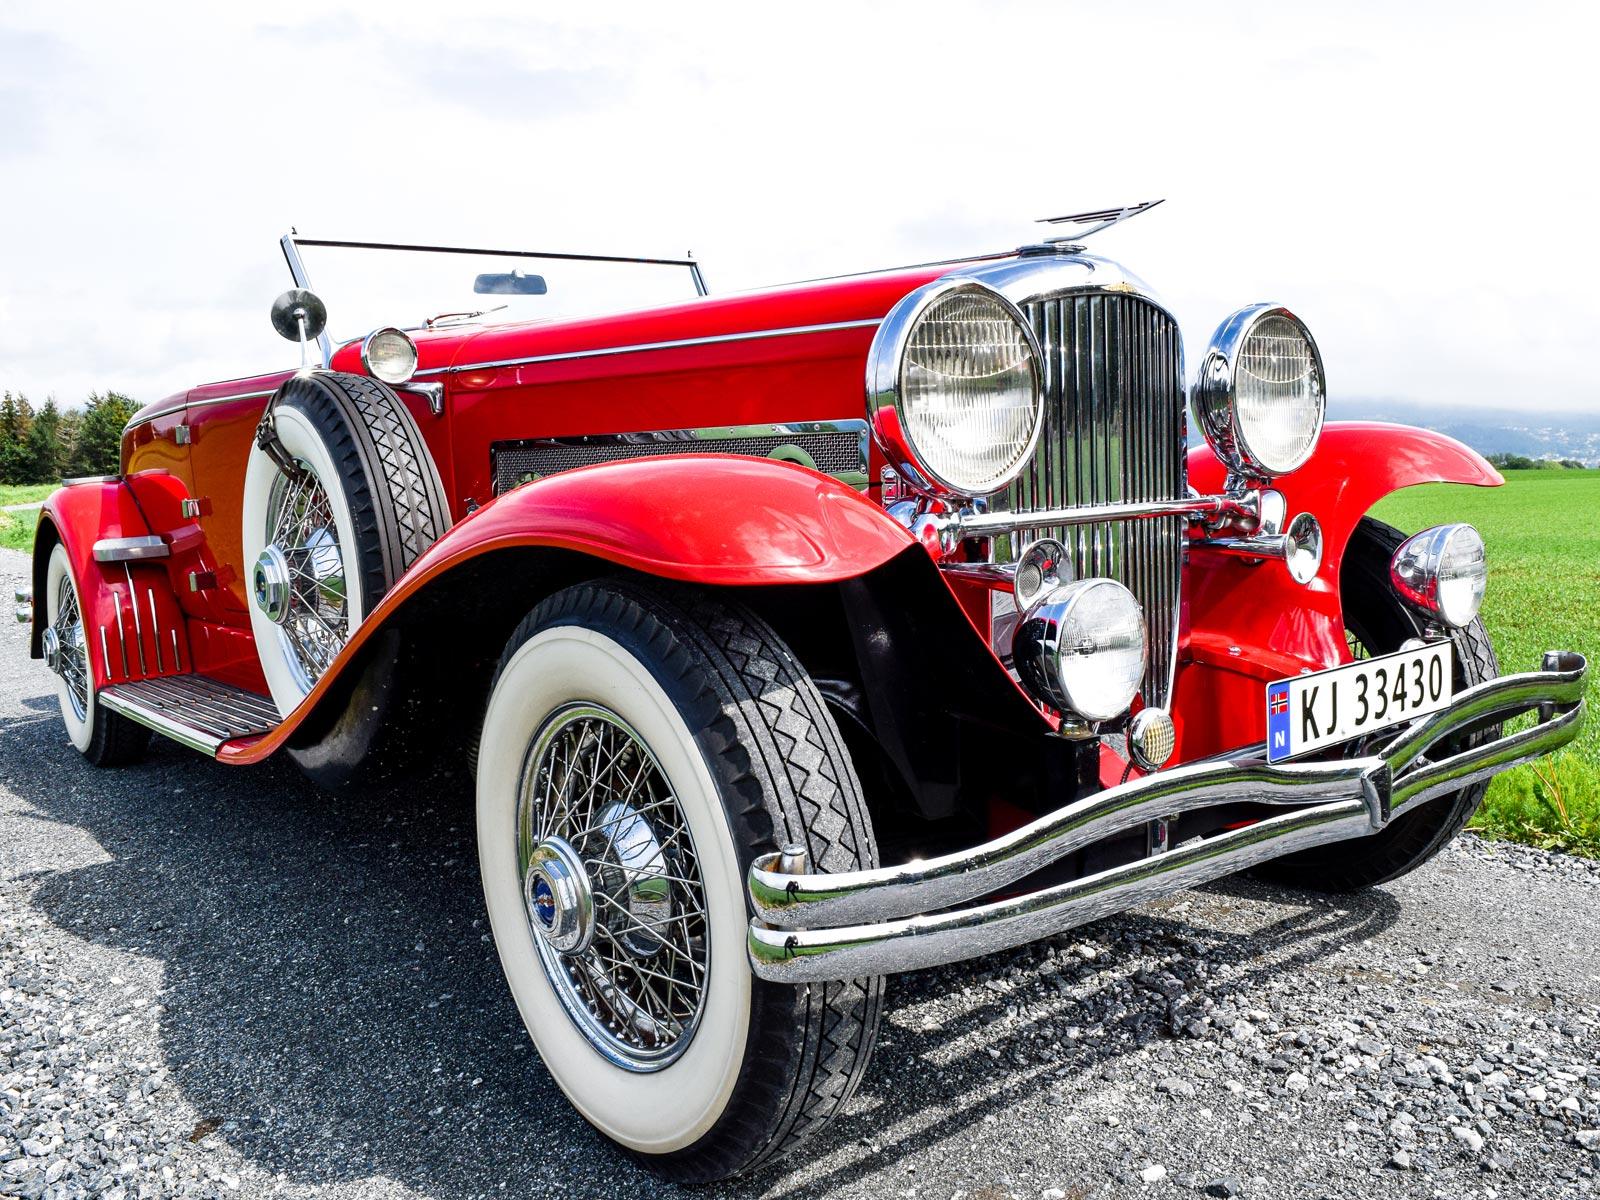 Dusenberg 1932 modell.